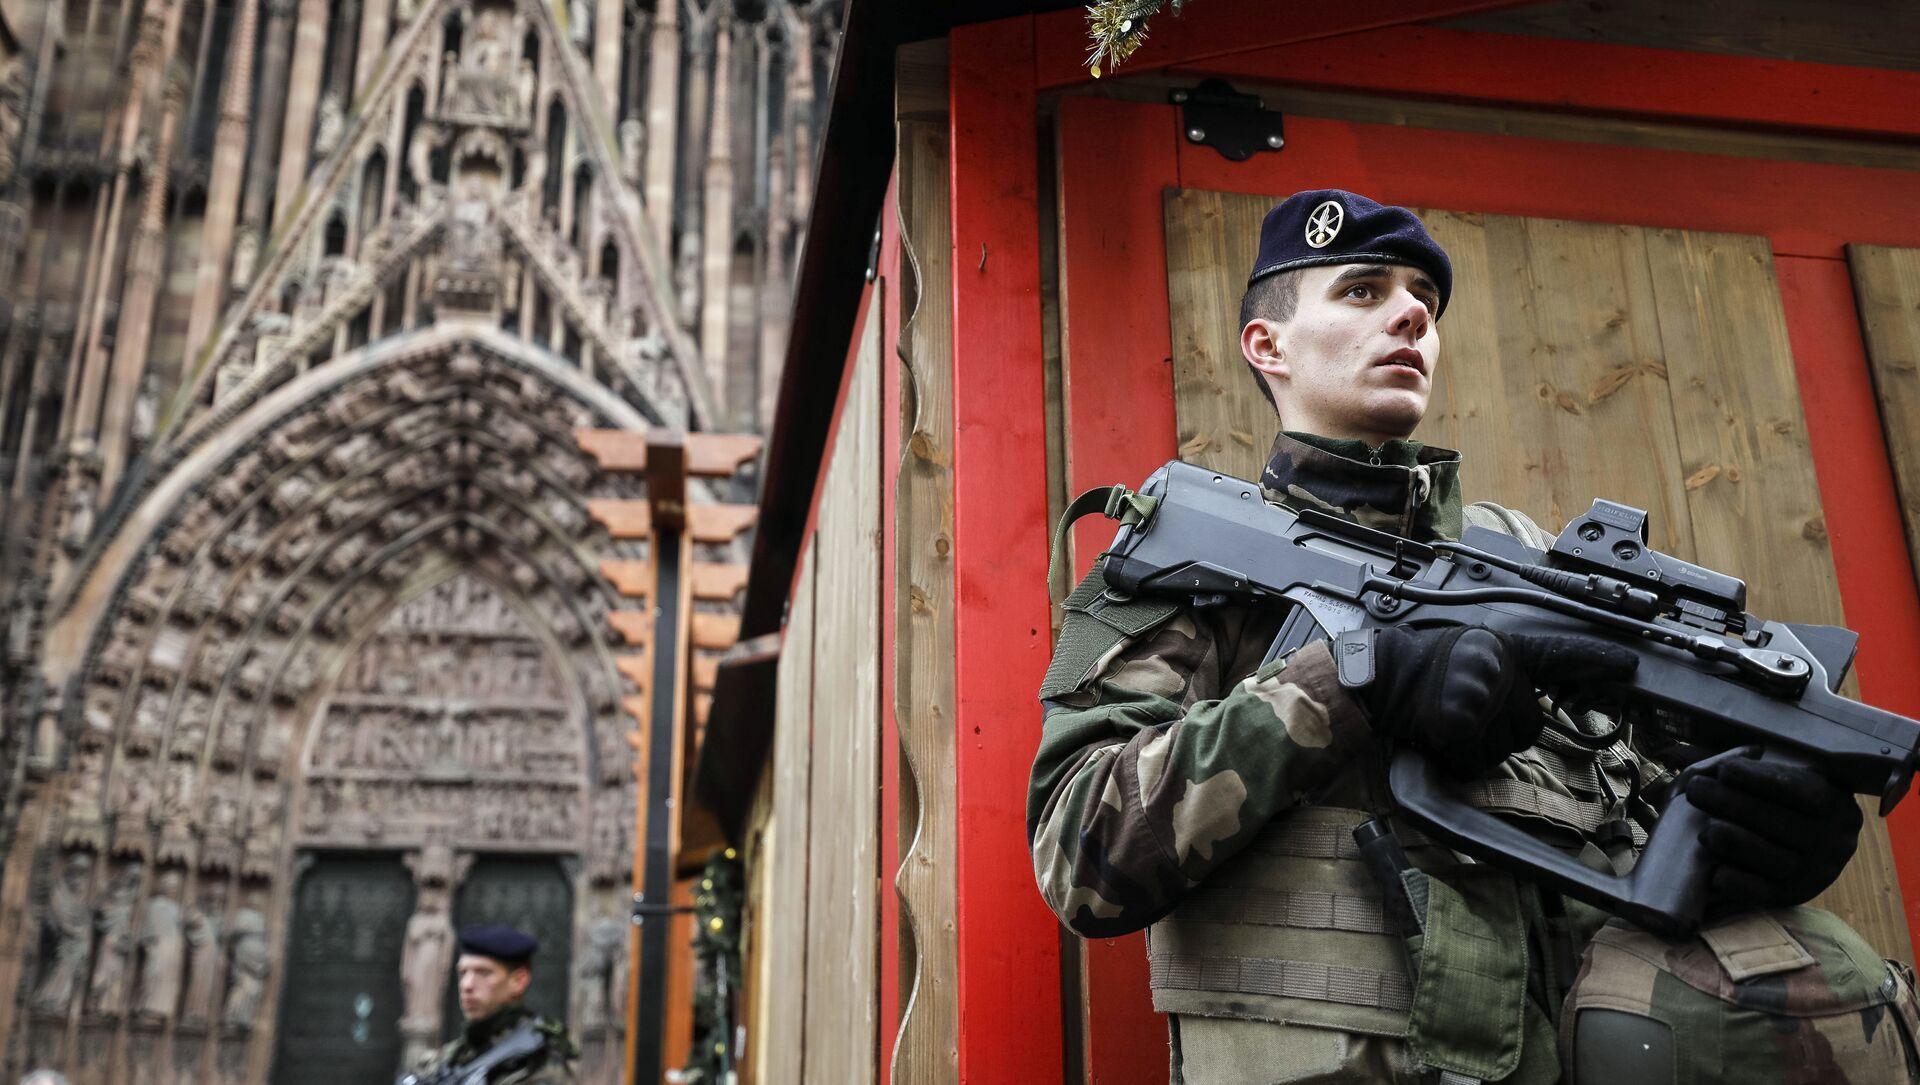 Un soldat français de l'opération Sentinelle devant la cathédrale de Strasbourg, décembre 2018 - Sputnik France, 1920, 08.09.2021